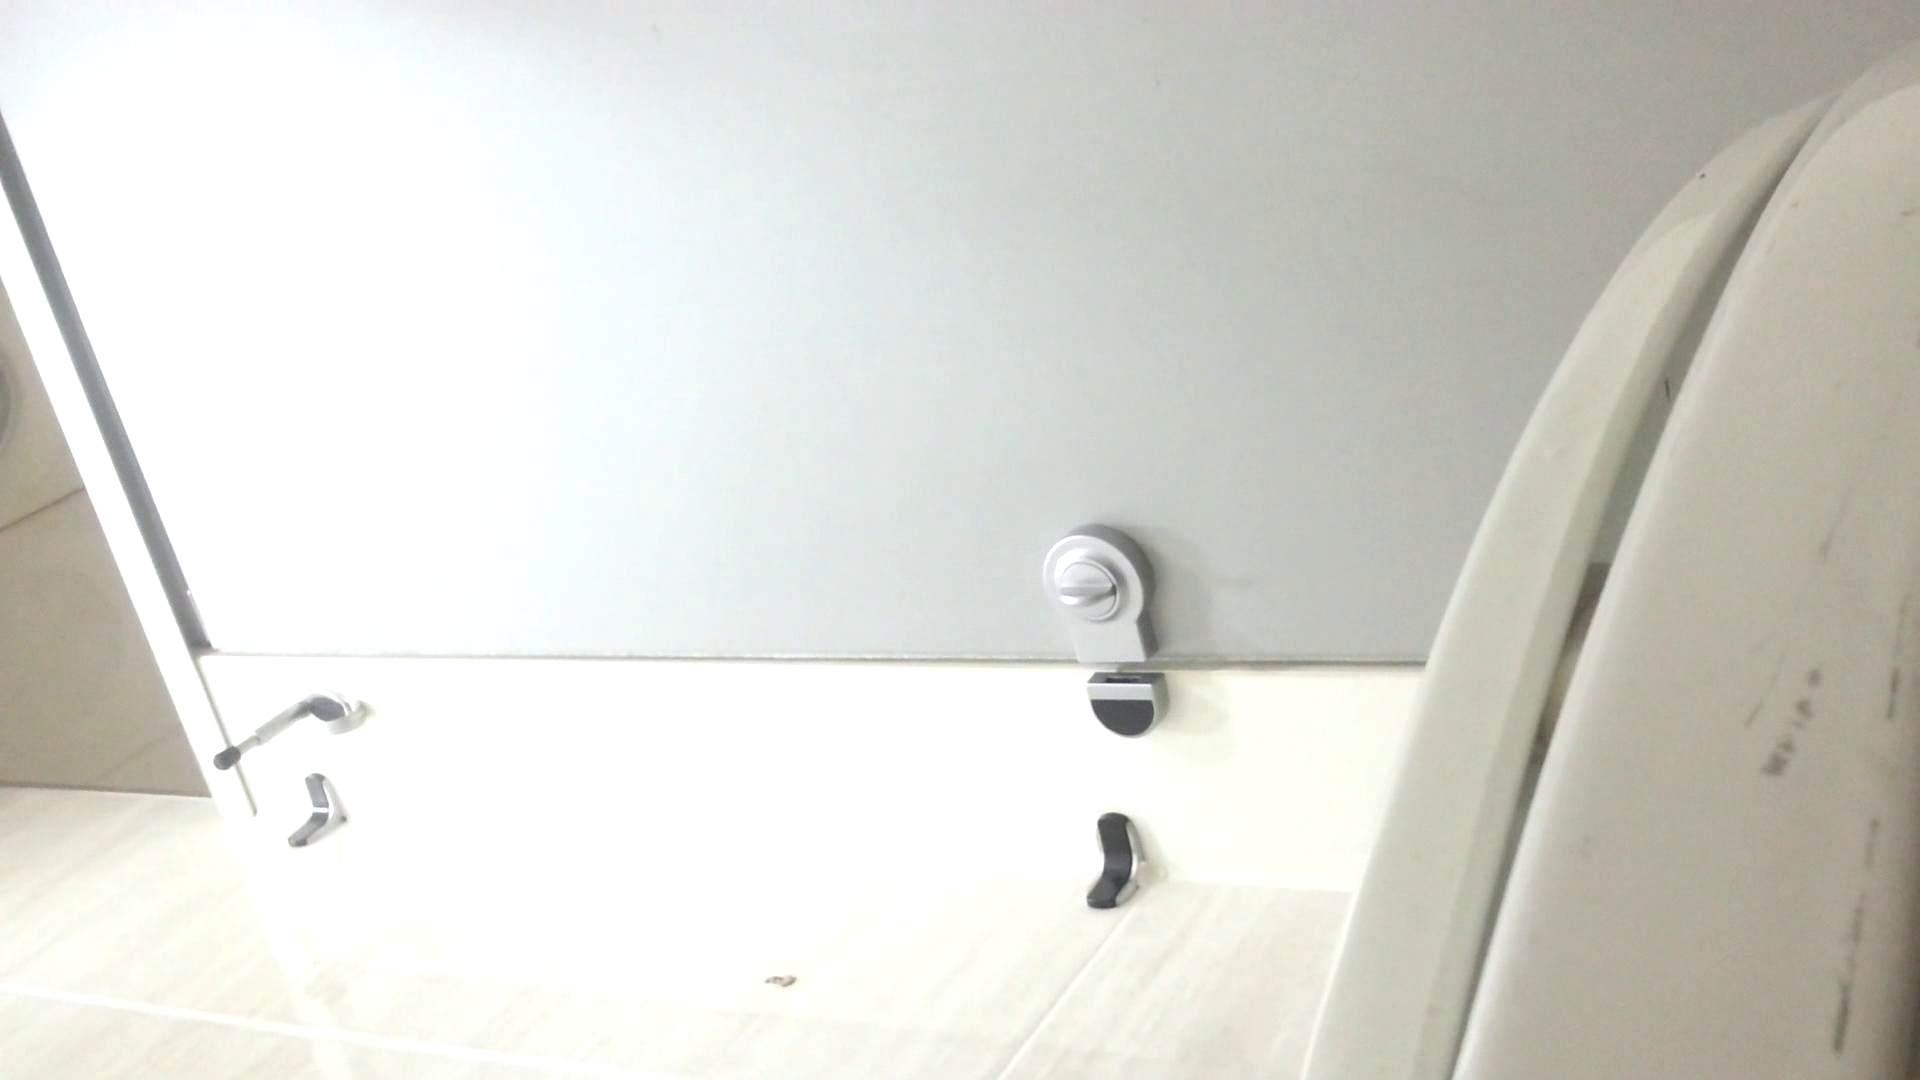 韓流トイレ盗撮vol.04 盗撮 | OLセックス  53画像 46